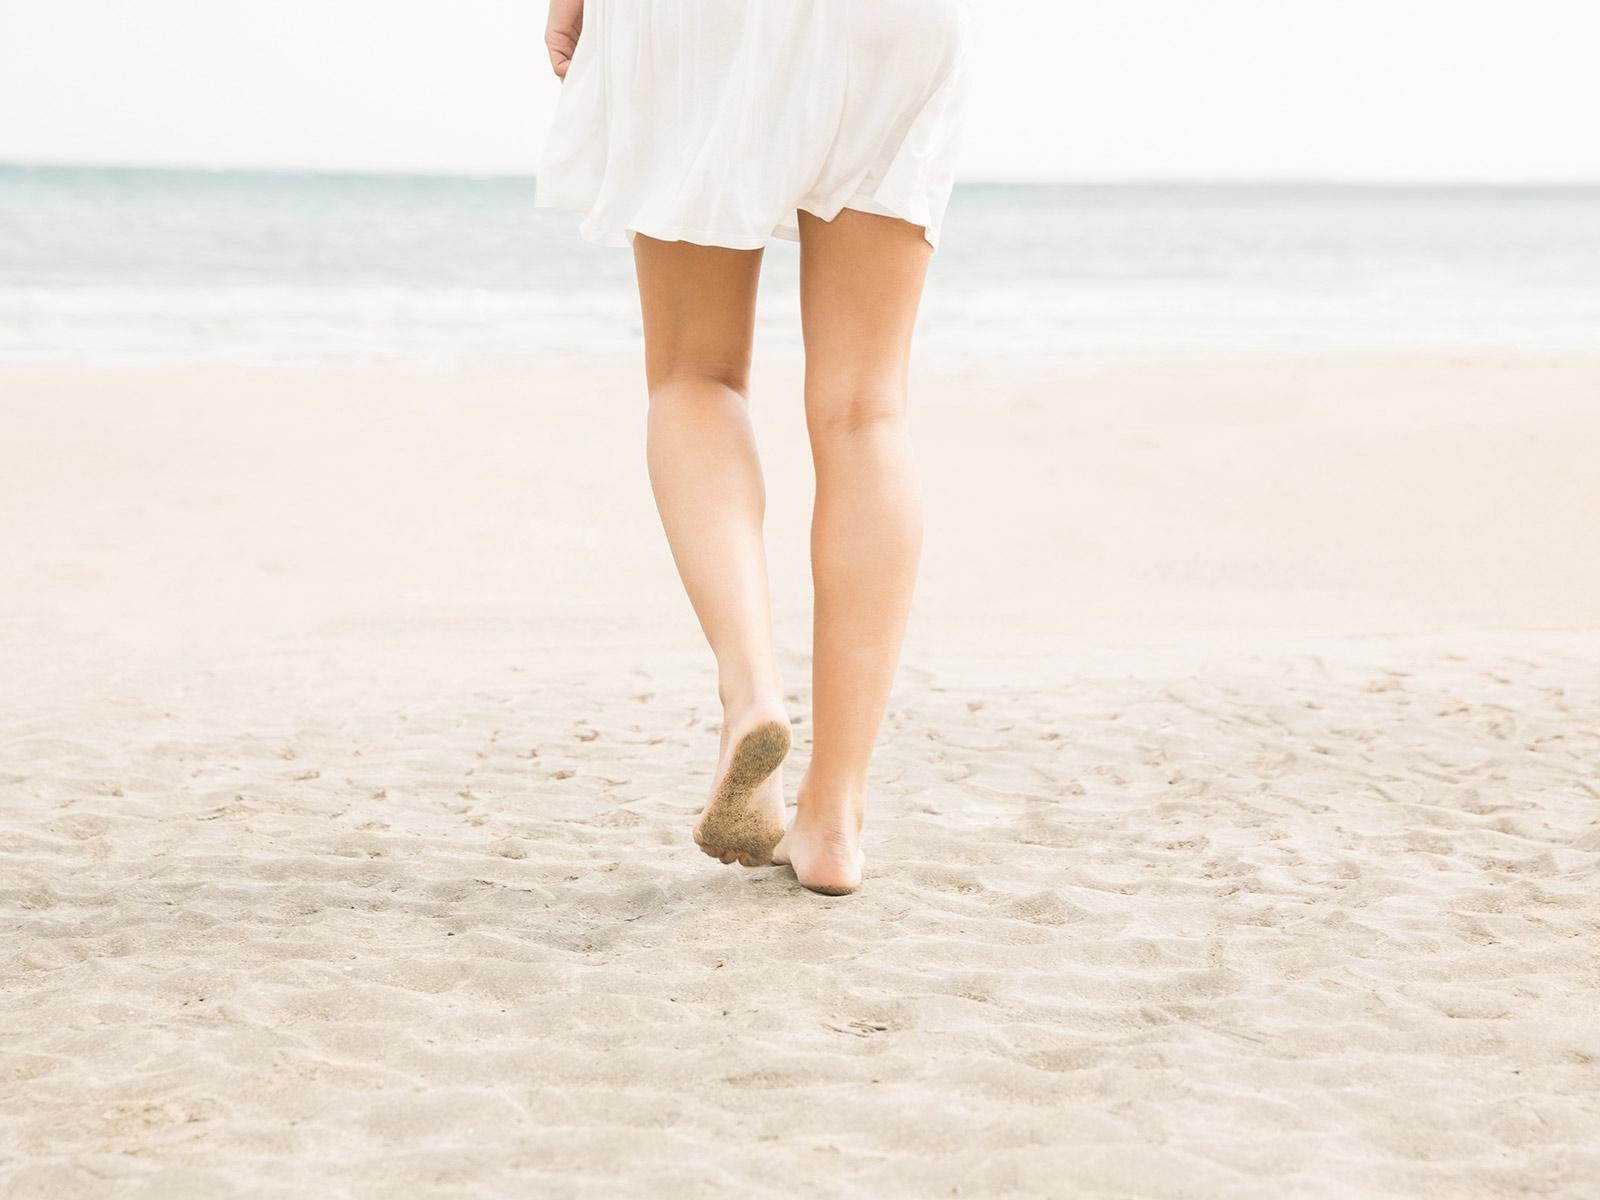 I 10 consigli per affrontare l'estate con gambe leggere